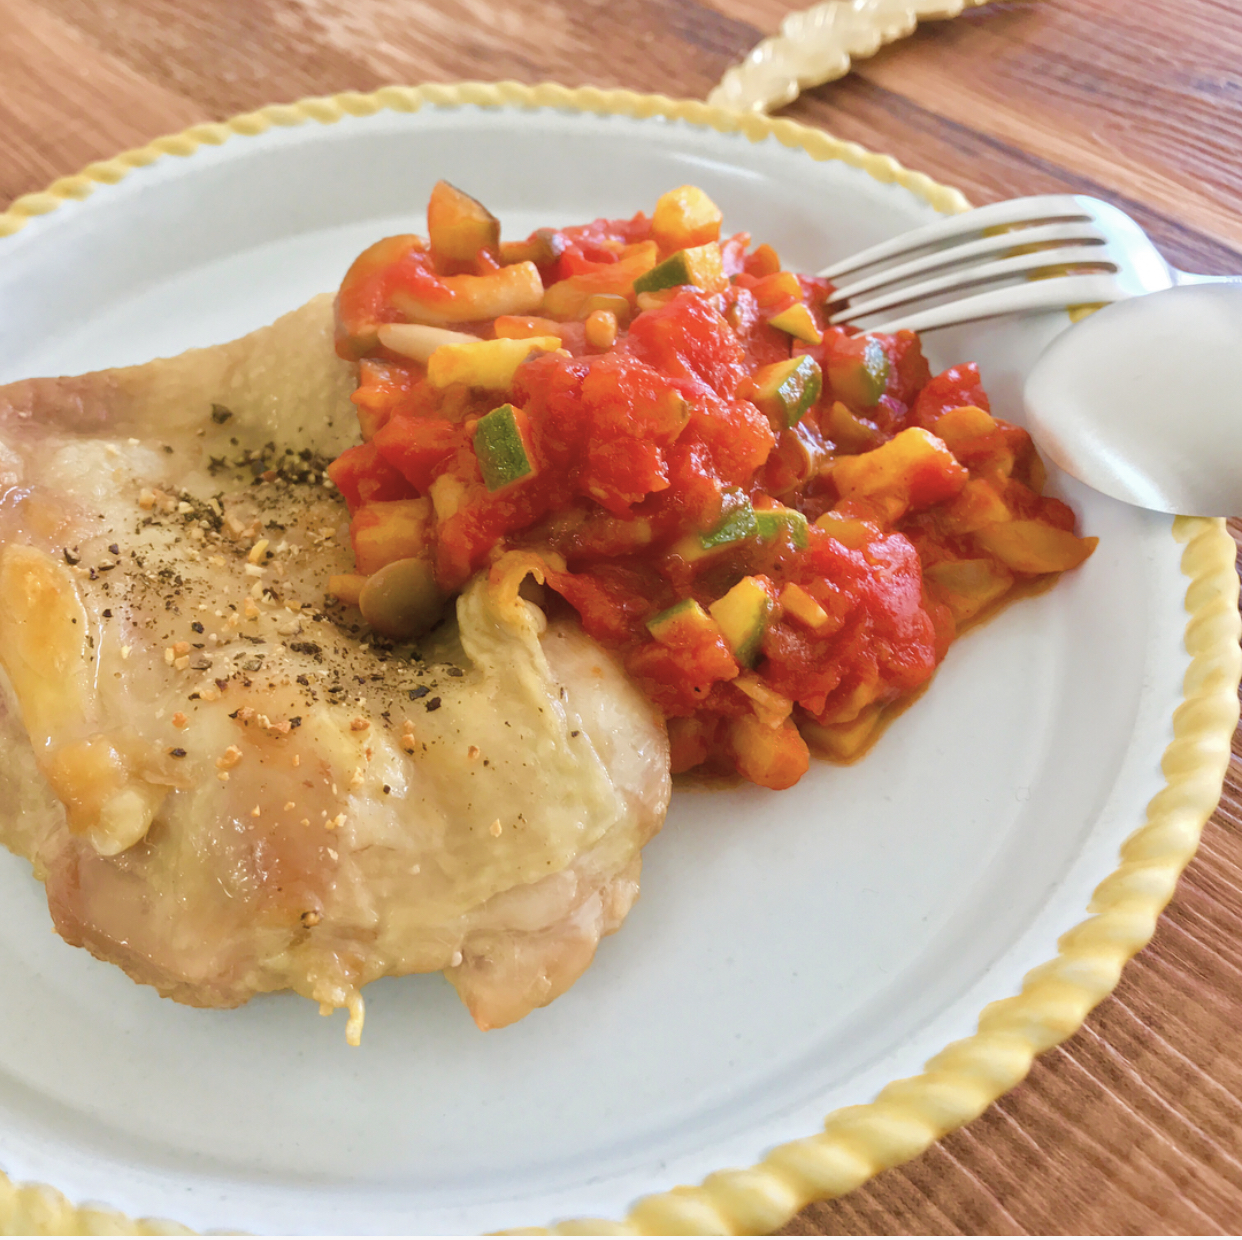 パーティーにも映える鶏肉レシピ!チキンソテーのトマトソース添え